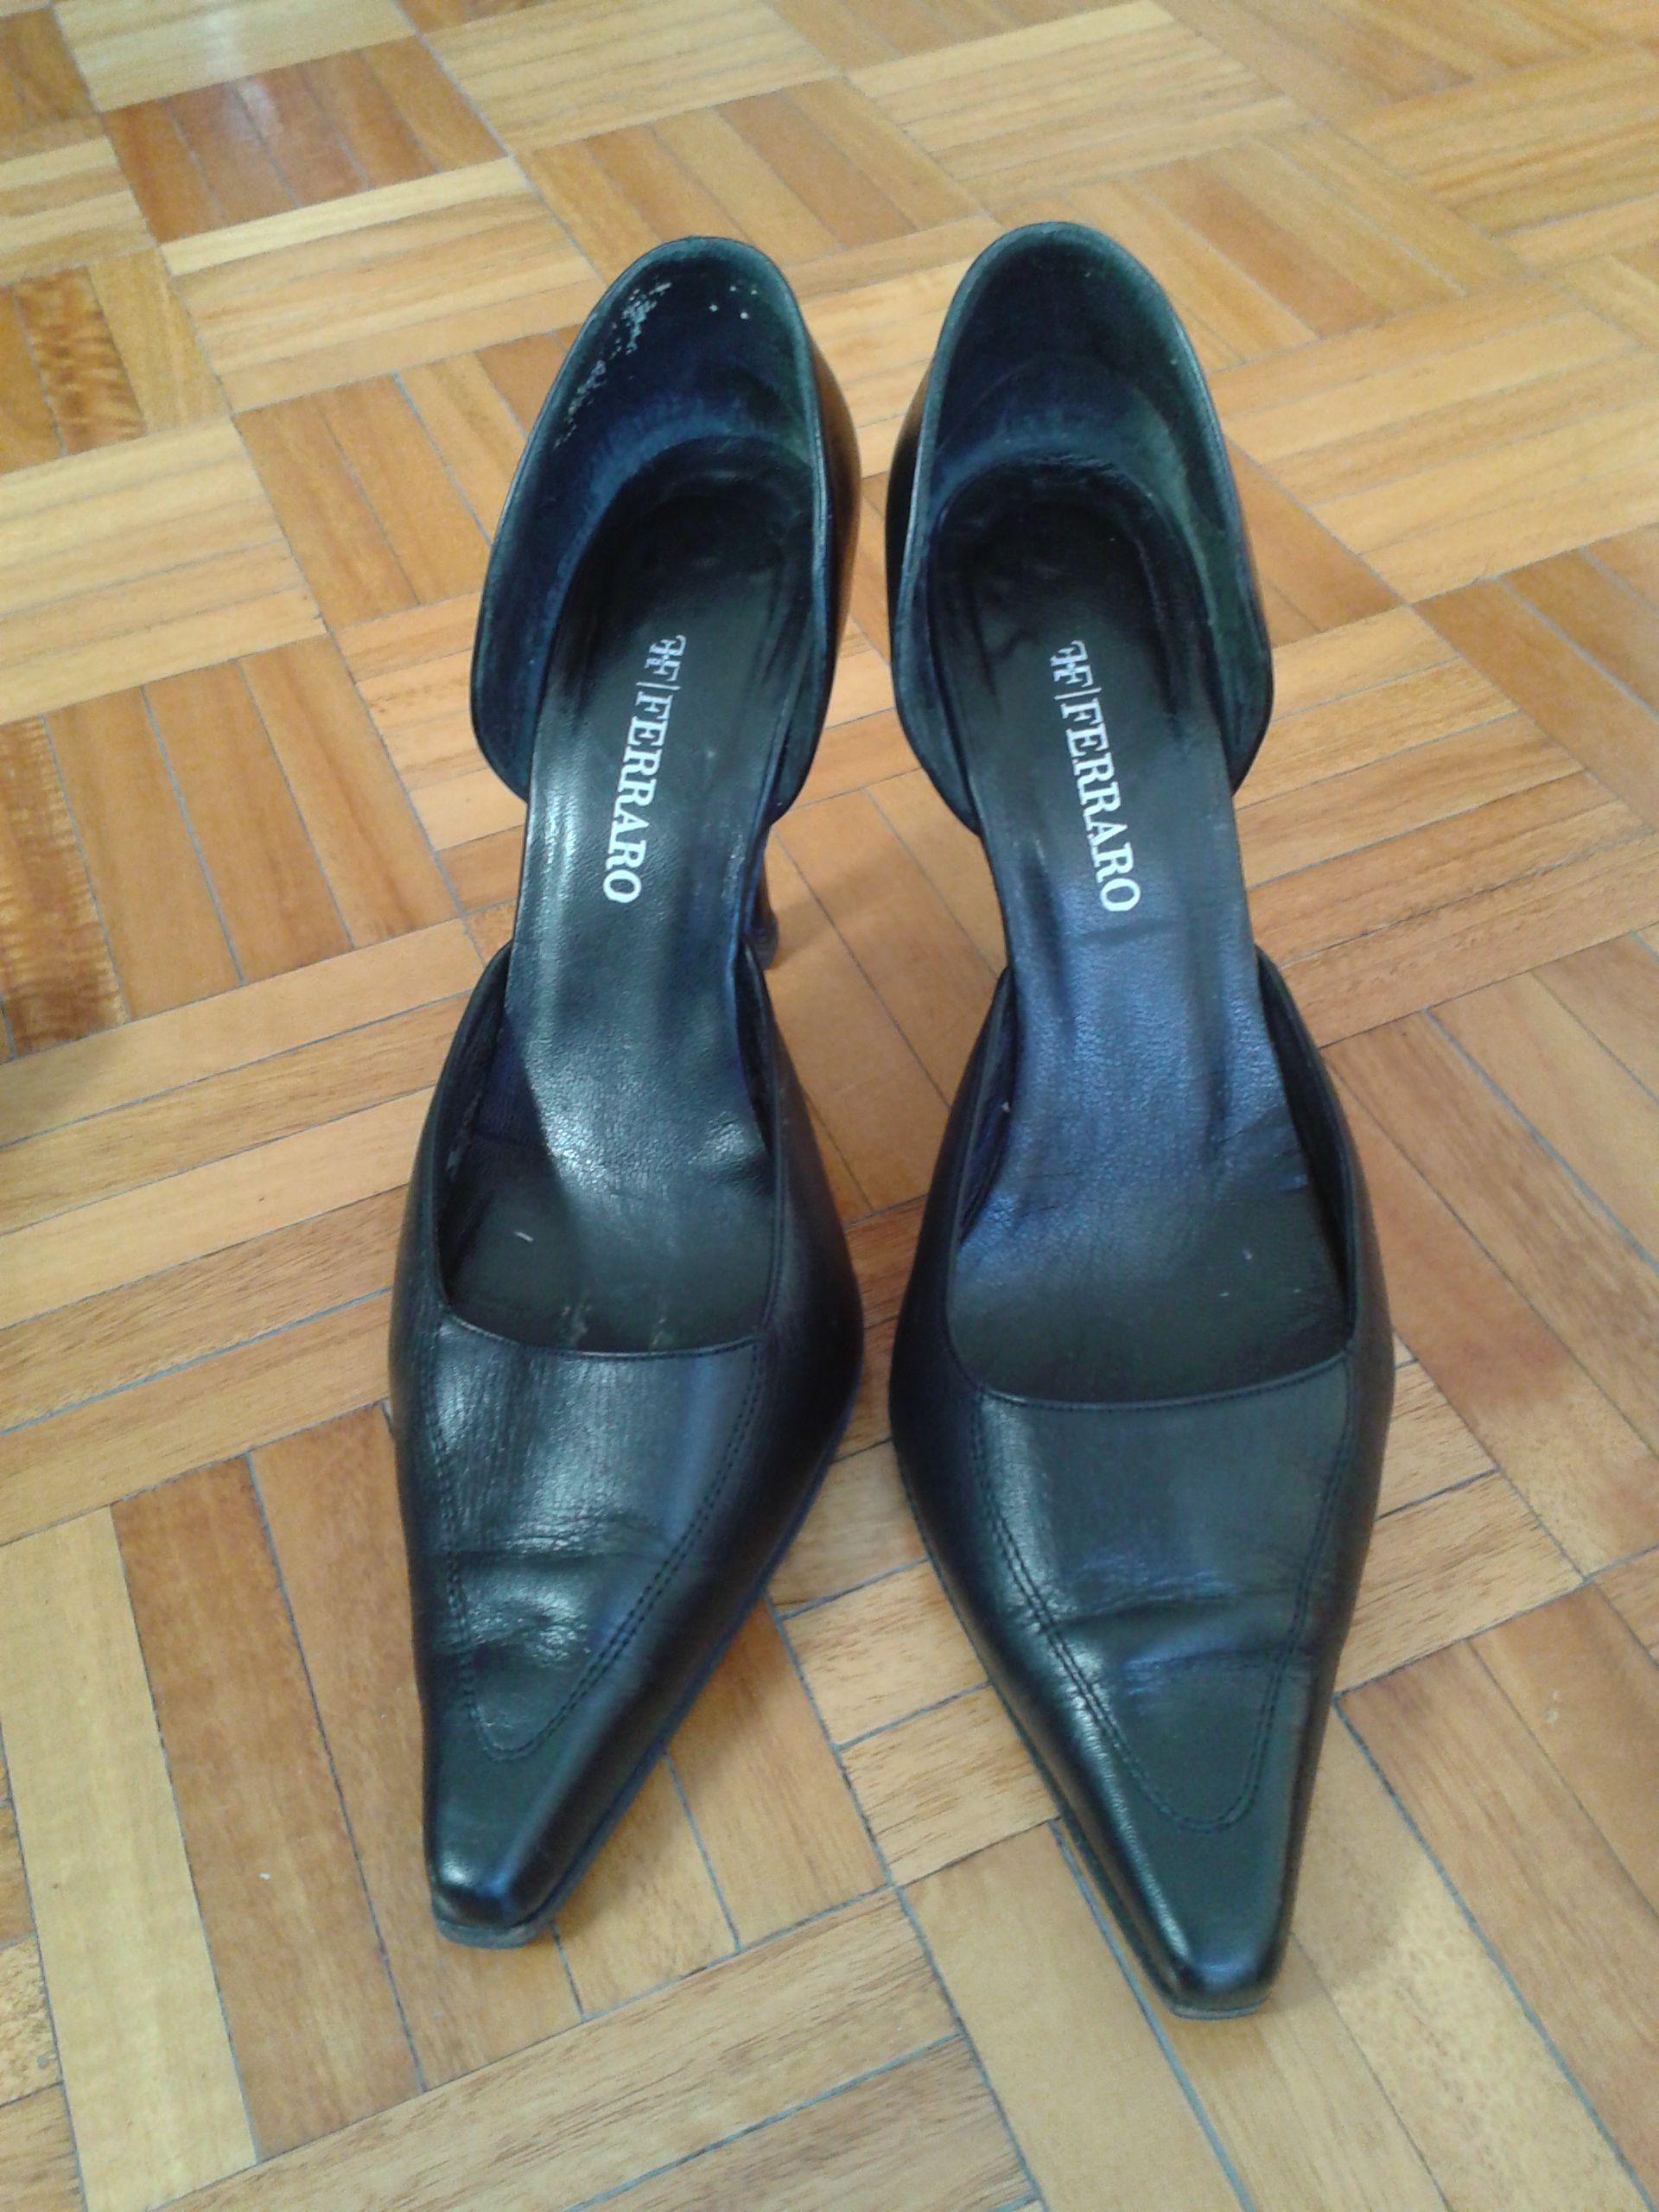 Zapatos de Cuero Negro Ferraro.